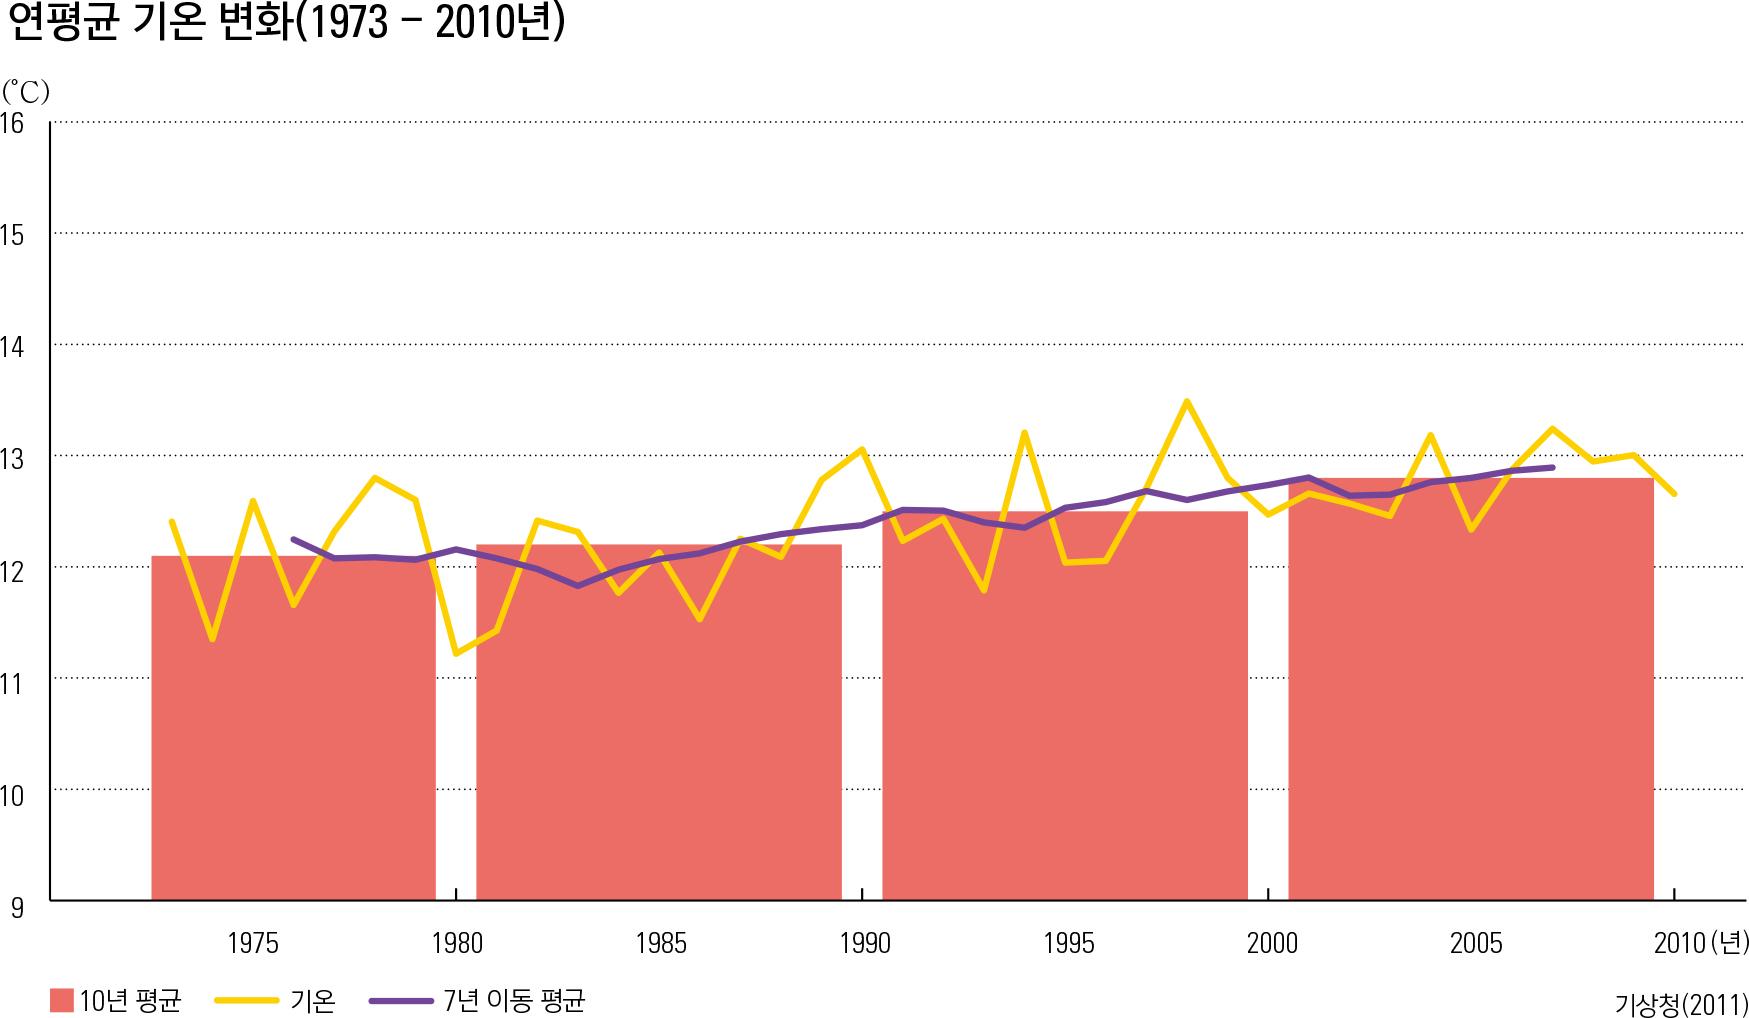 연, 계절별 평균 기온 변화율(1973 - 2010년)